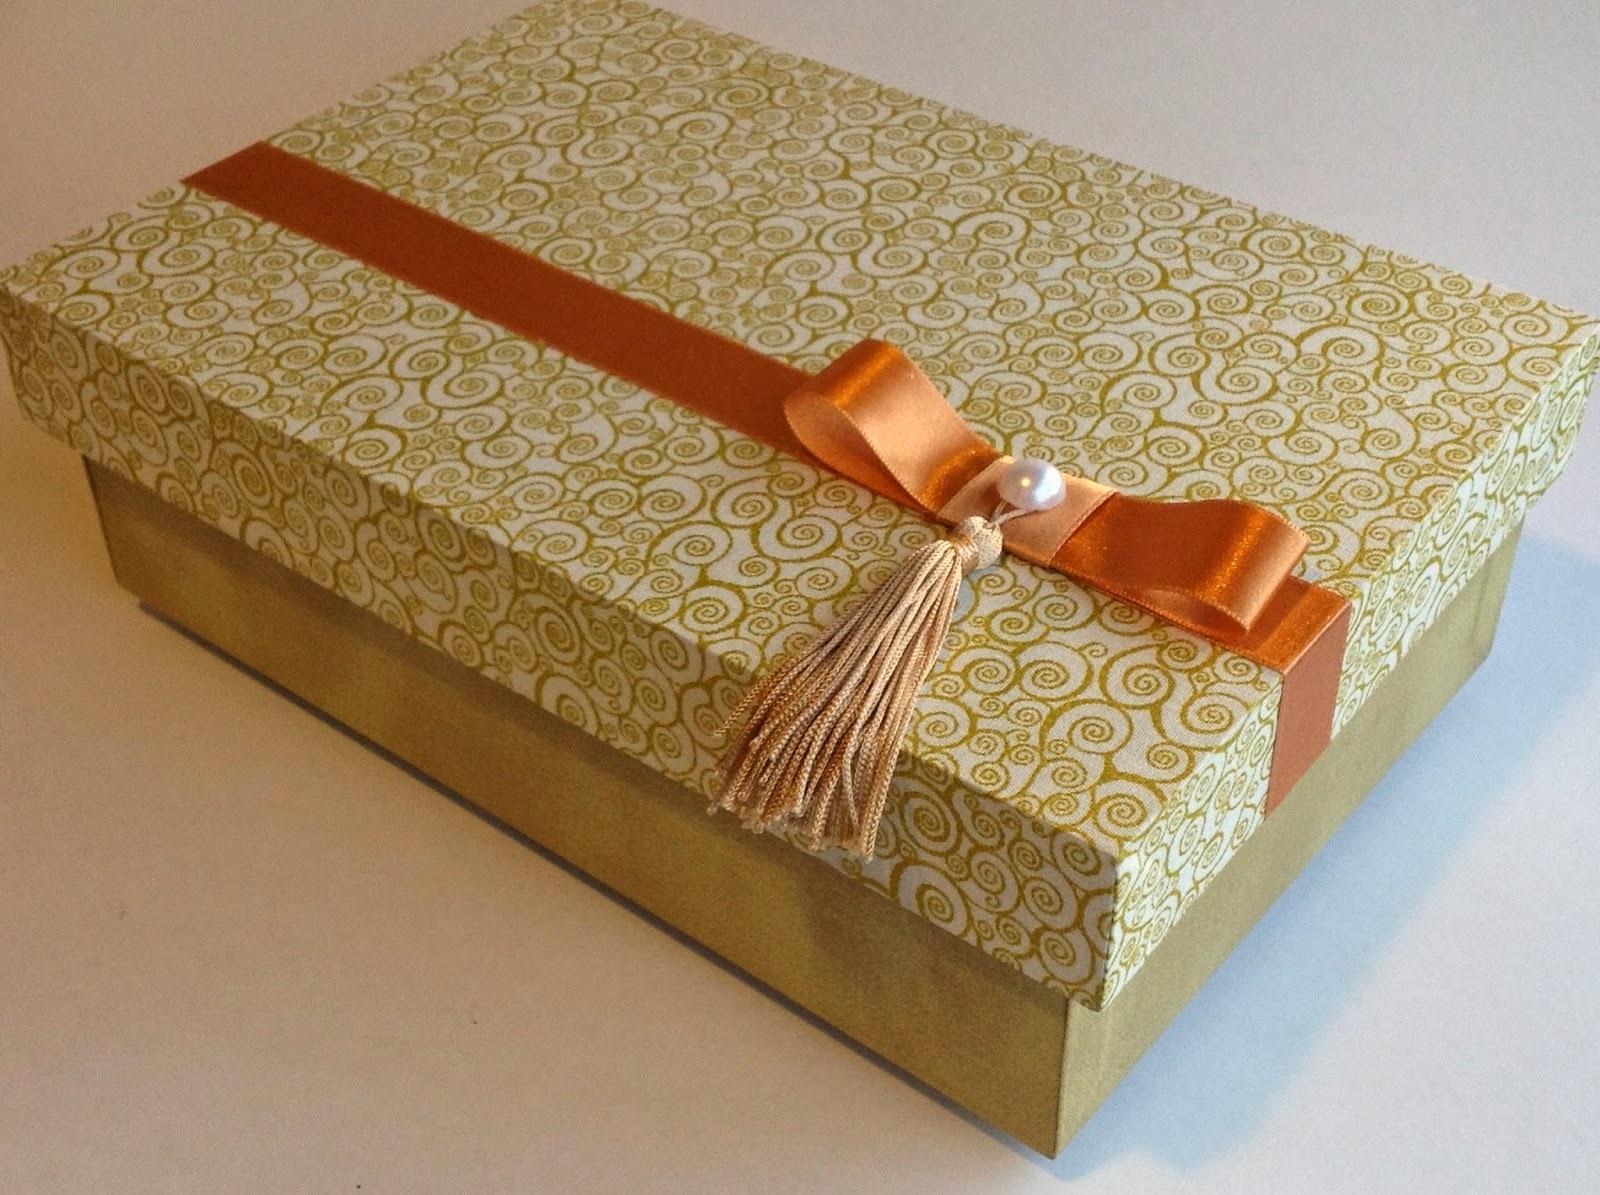 Caixas Decoradas:Lembranças Festas: Caixa com tecido decorada para  #B34B0E 1600x1195